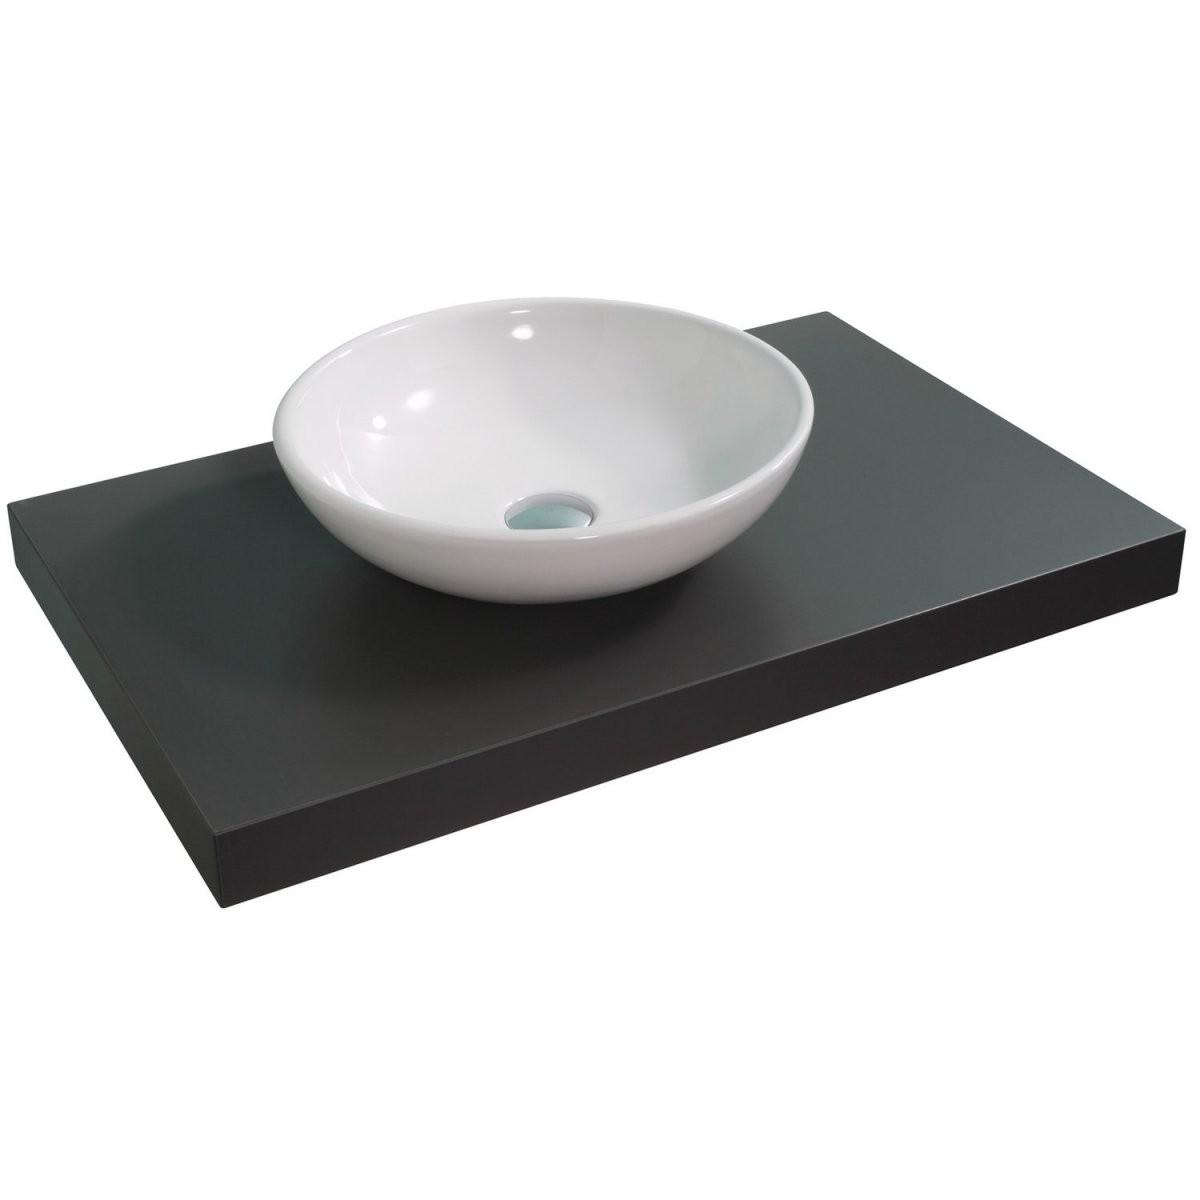 Obi Aufsatzwaschbecken Sola 42 Cm Rund Weiß Kaufen Bei Obi von Waschbecken 30 Cm Tief Bild